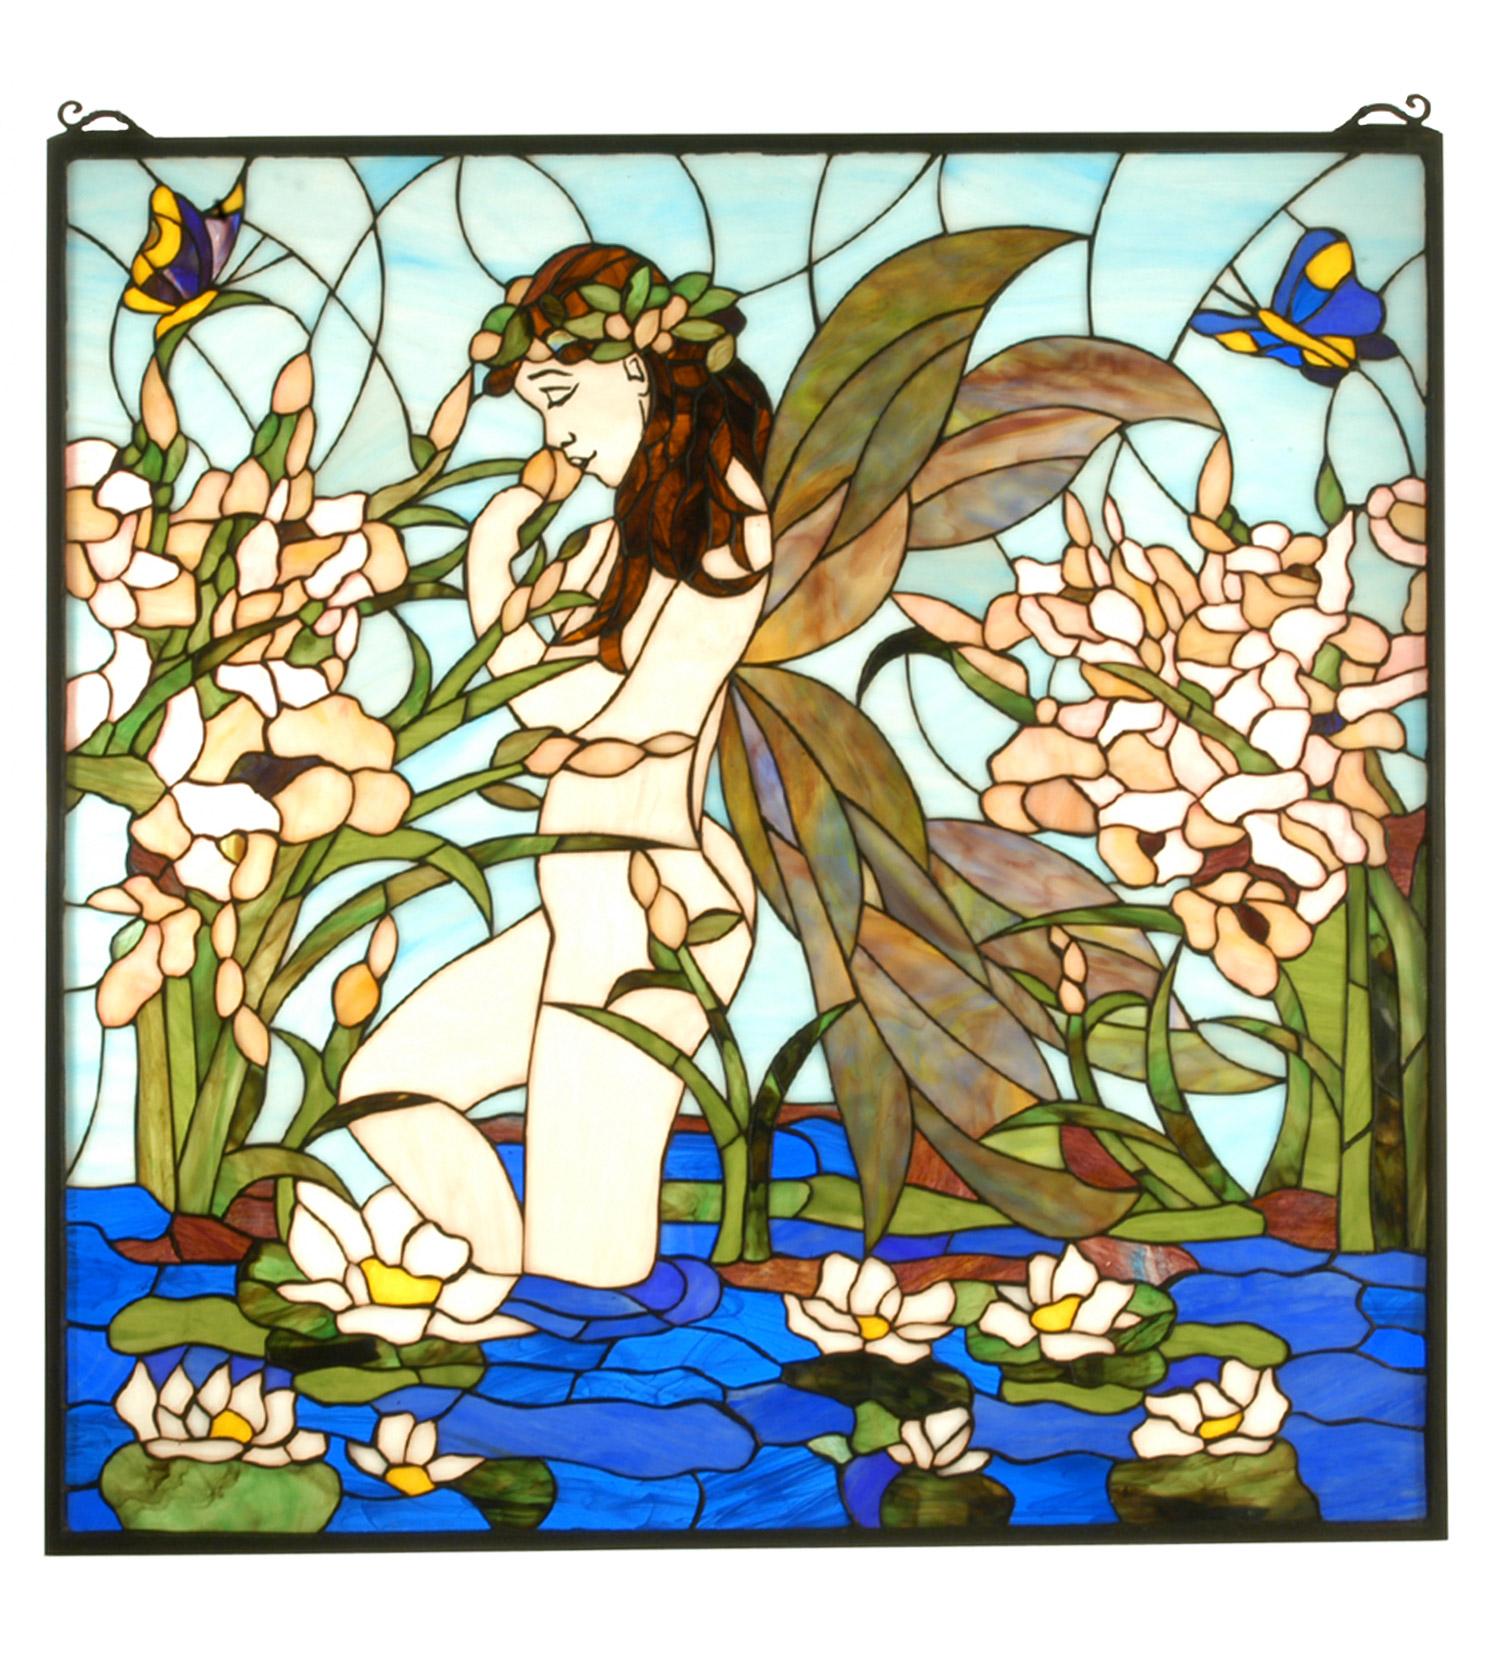 Meyda 67521 Tiffany Fairy Pond Stained Glass Window